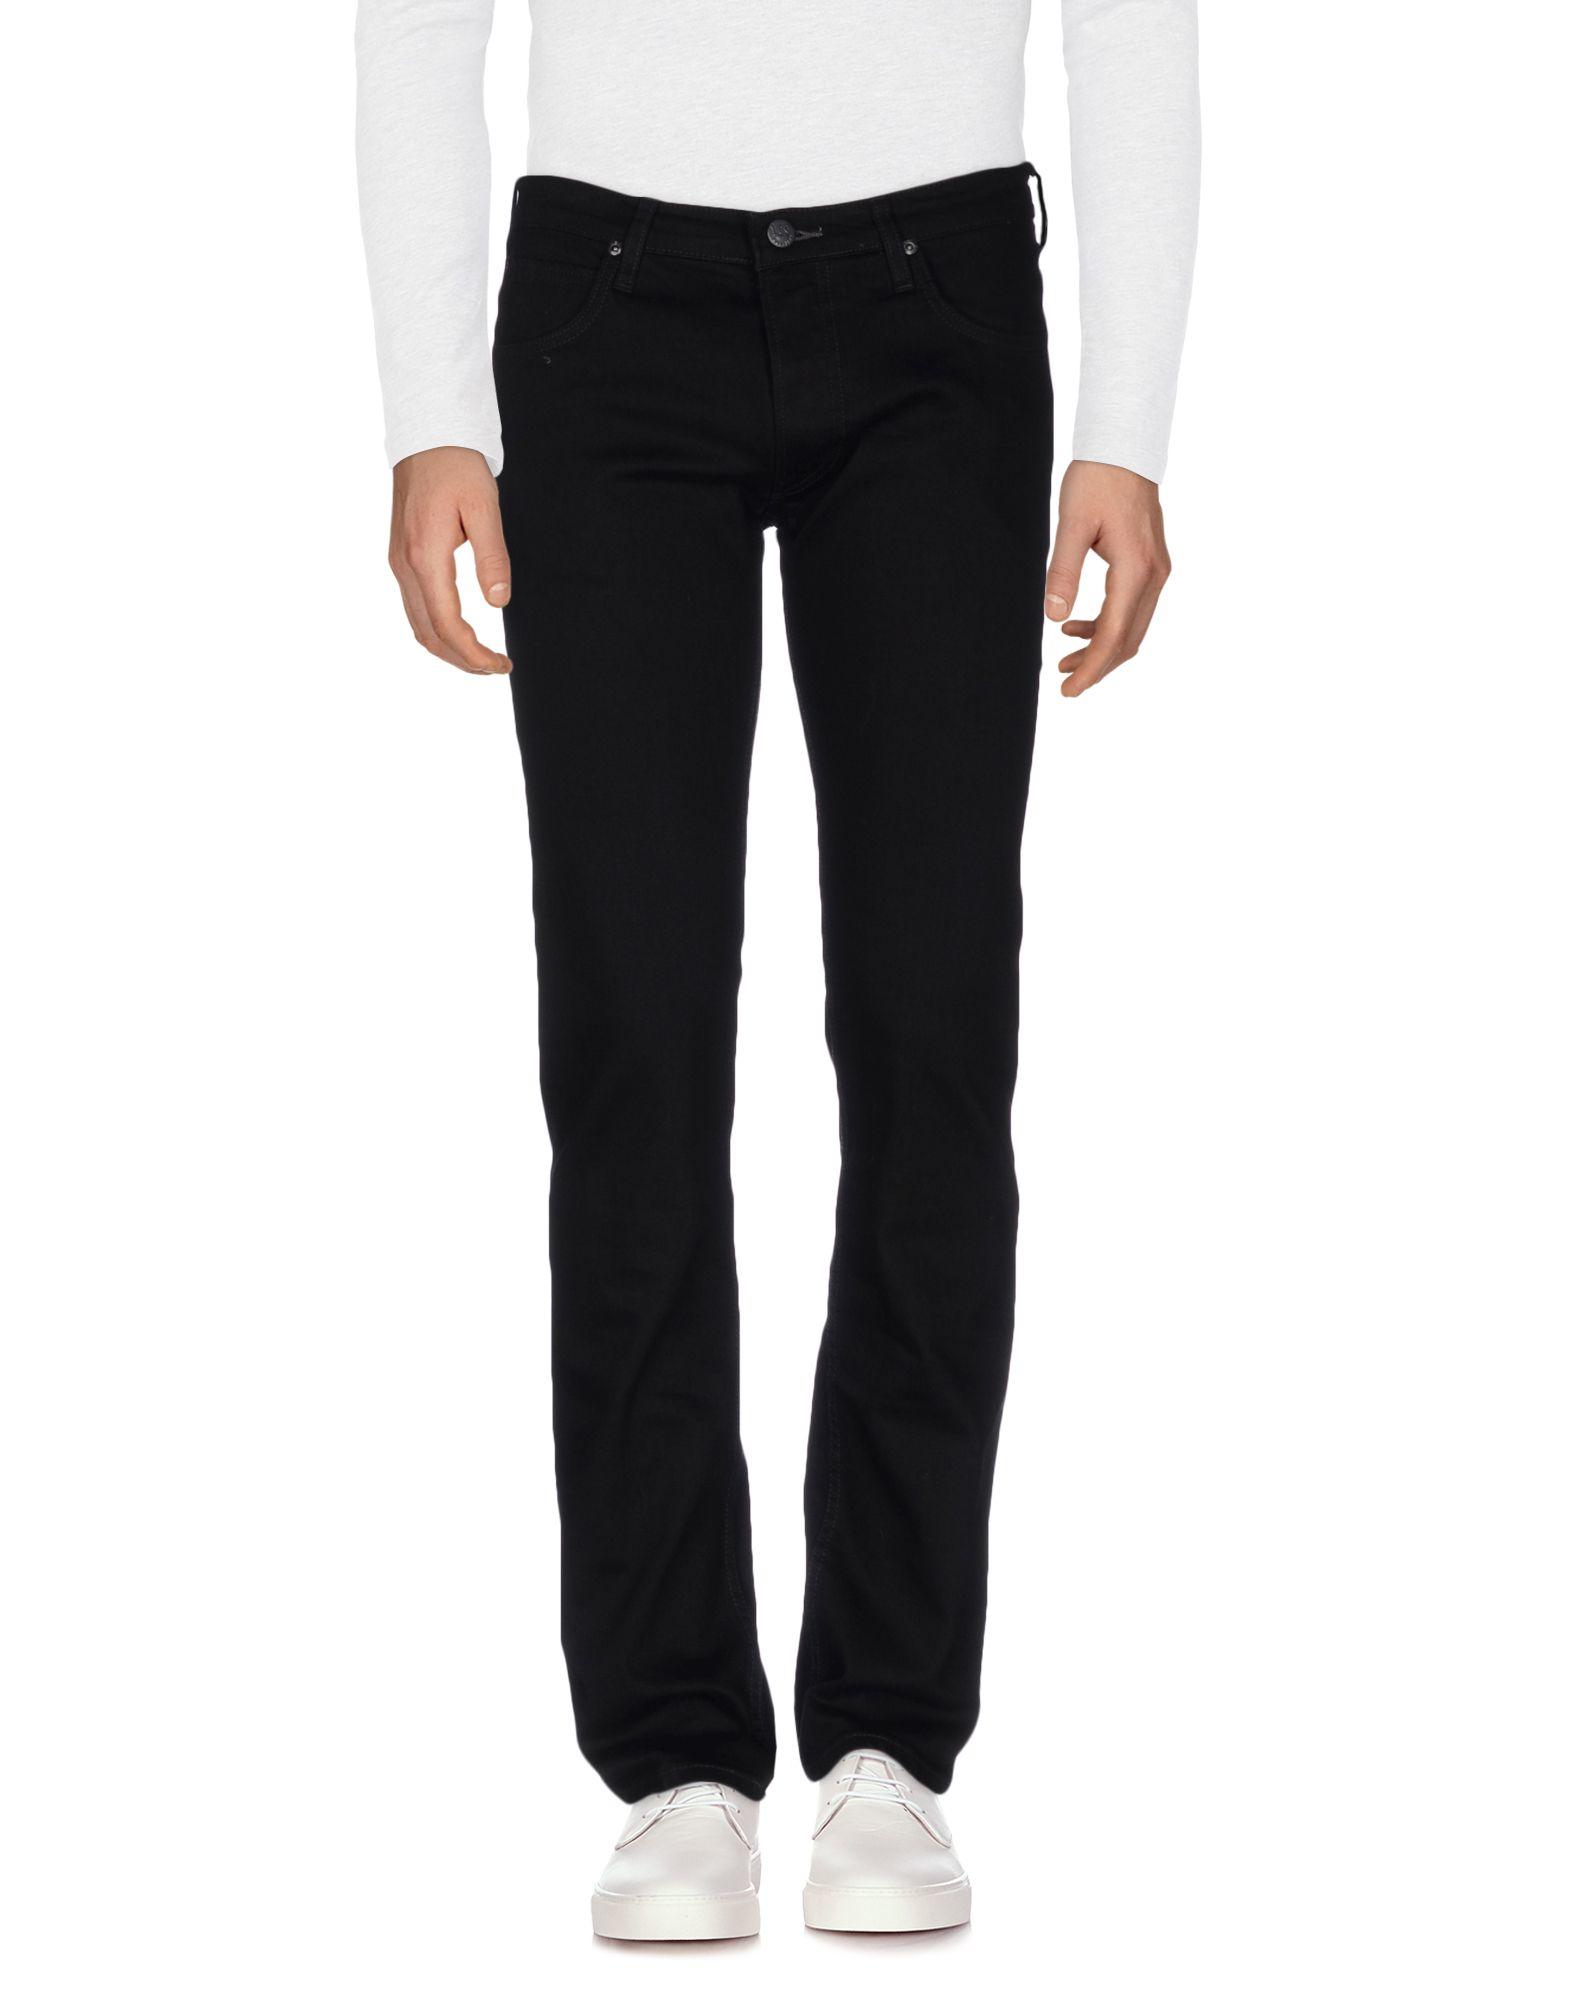 lee black jeans for men - photo #13